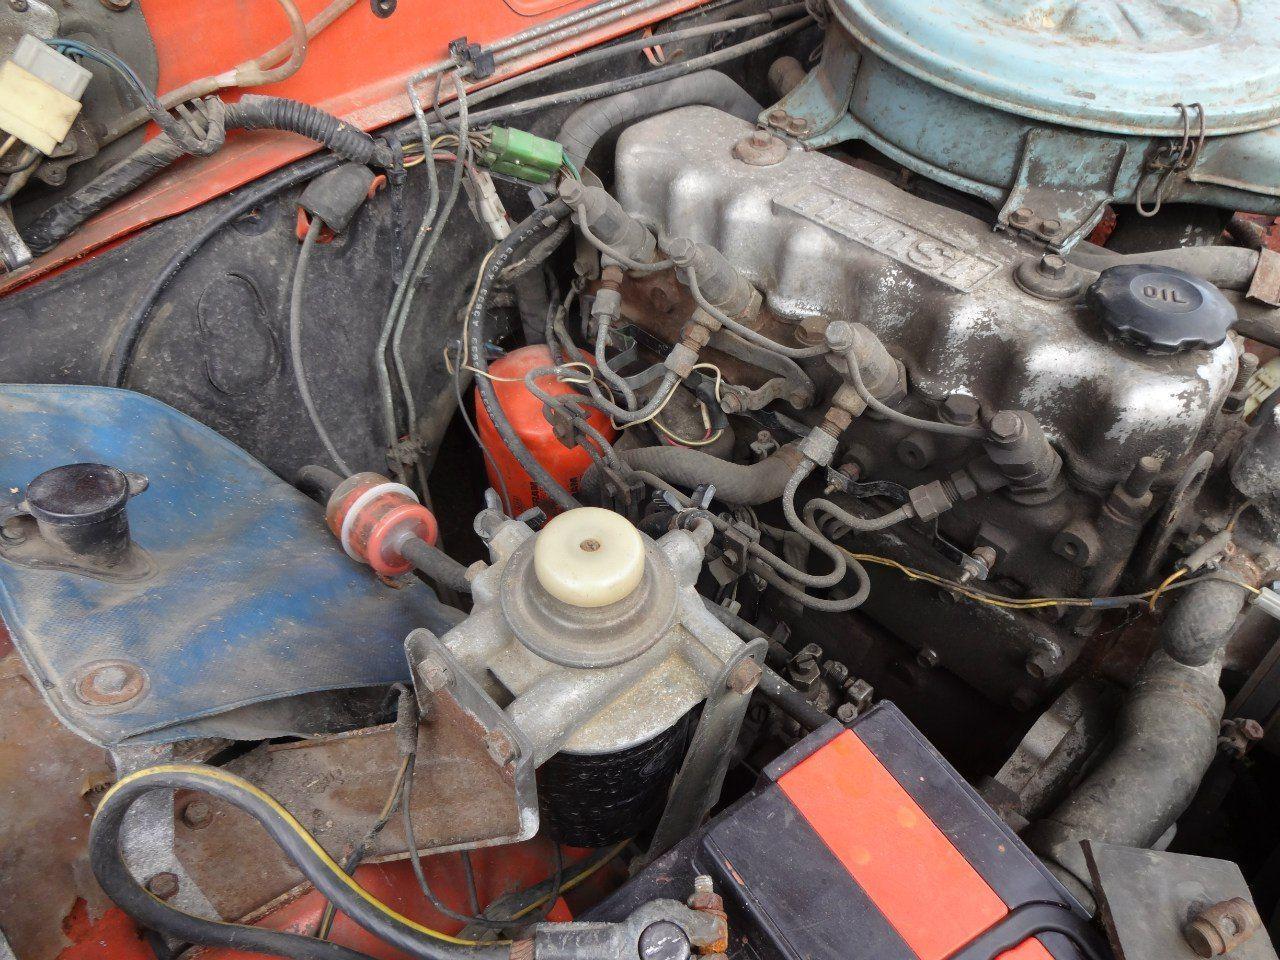 """Дизельный мотор Isuzu C190. Слева виден синий """"мешок"""" для жидкости стеклоомывателя."""